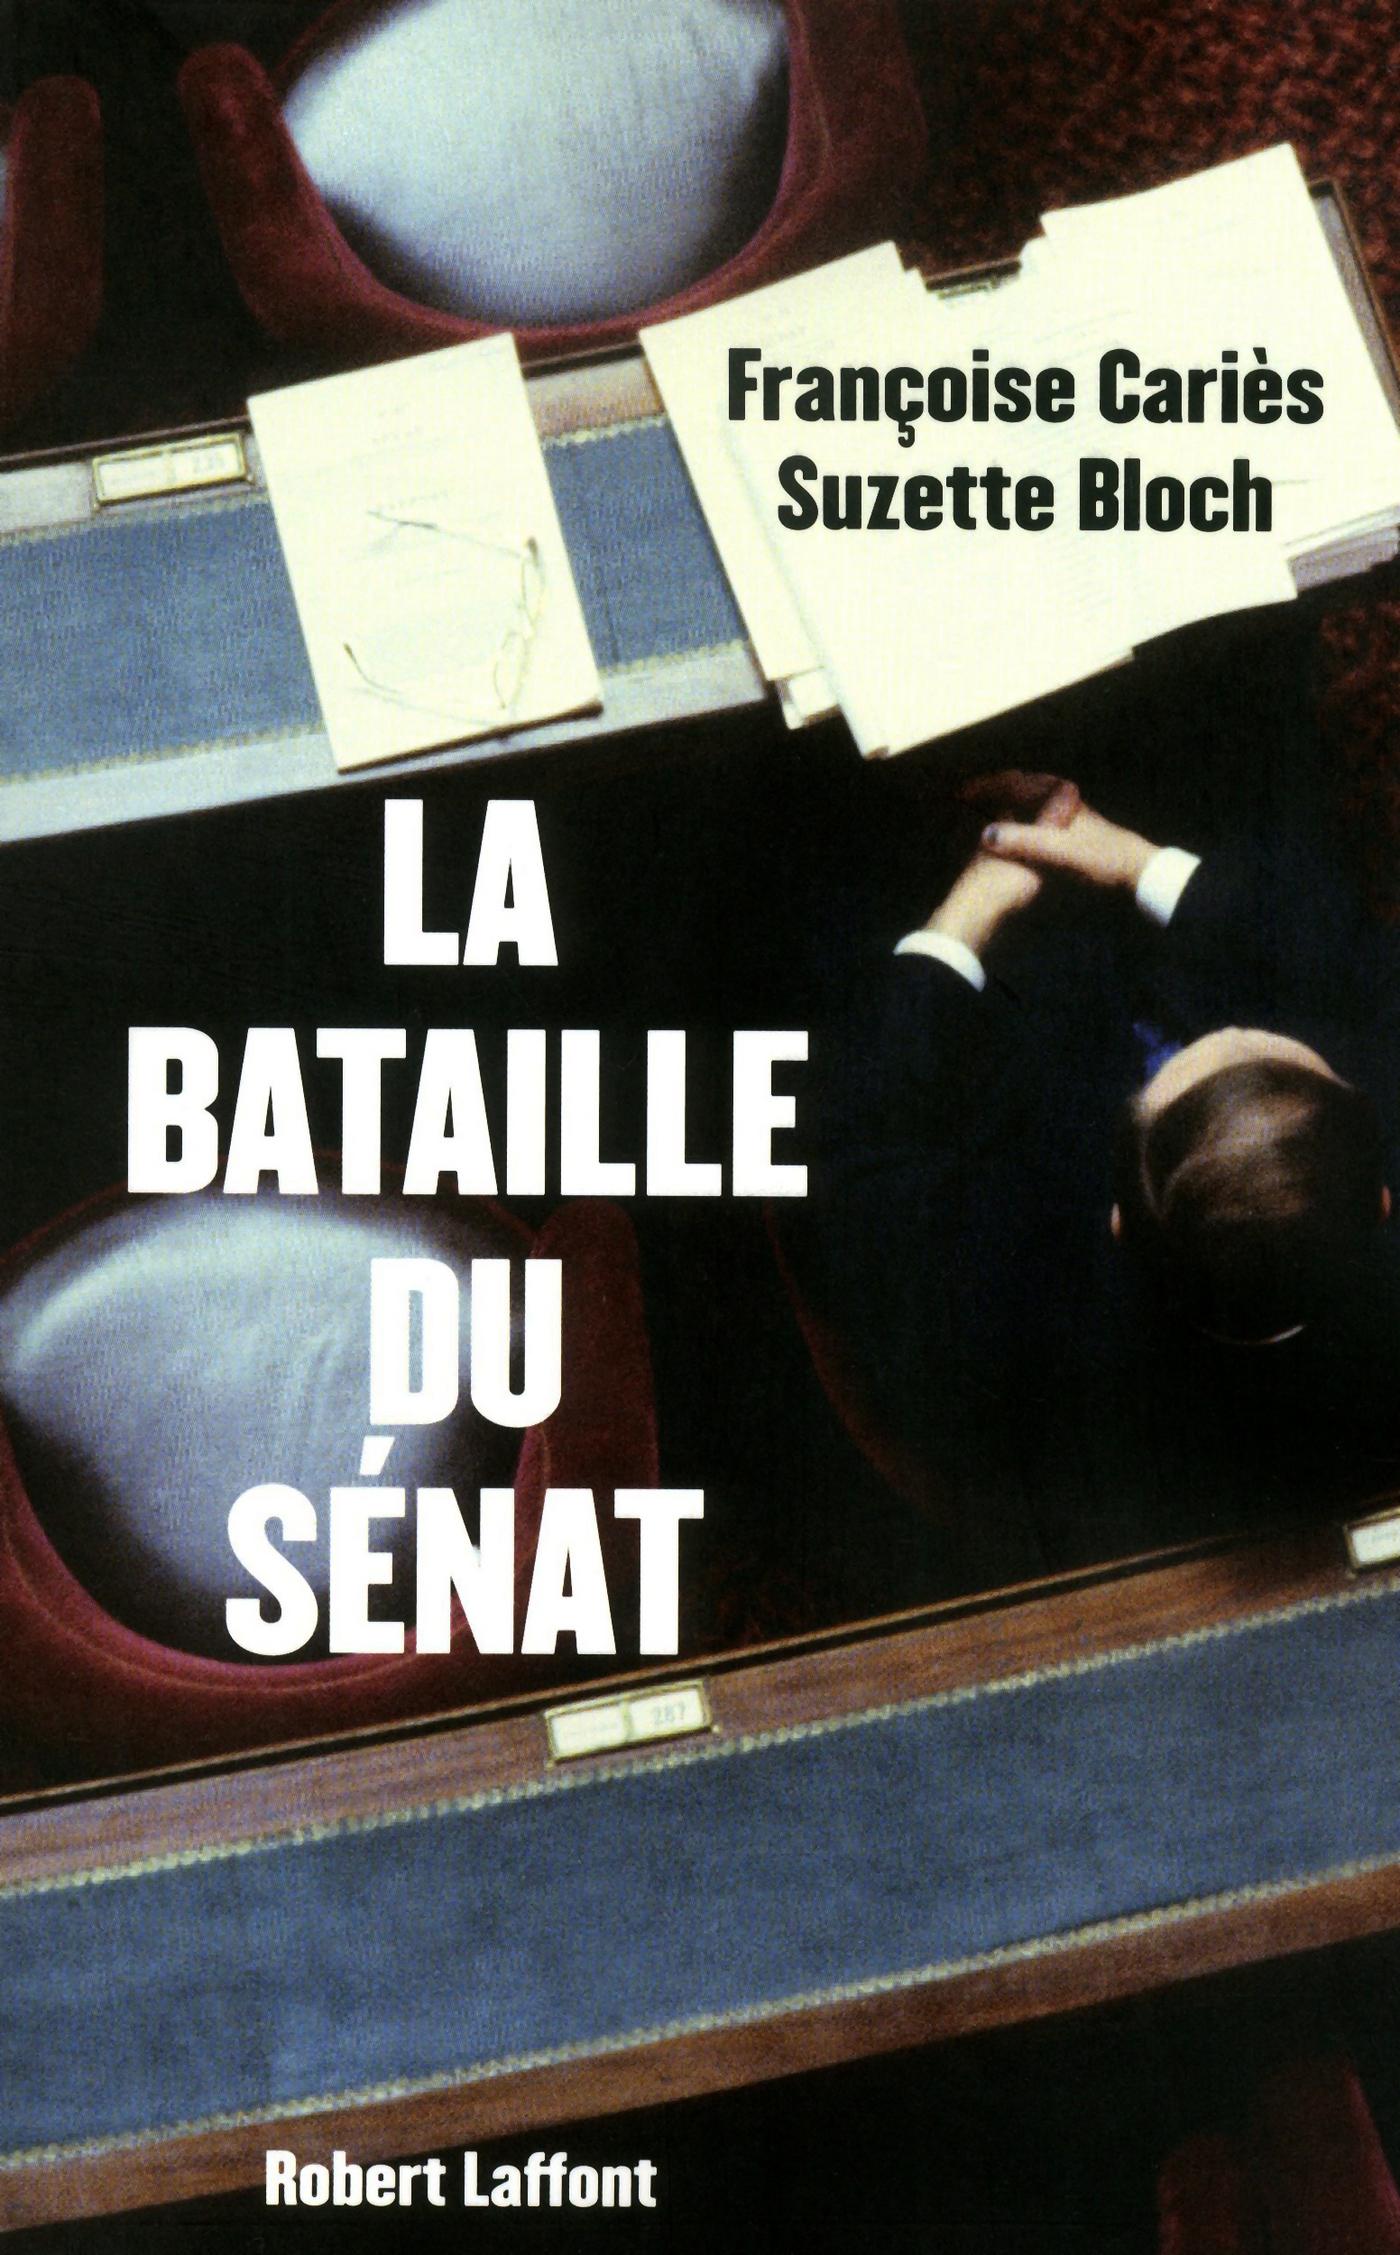 La bataille du sénat